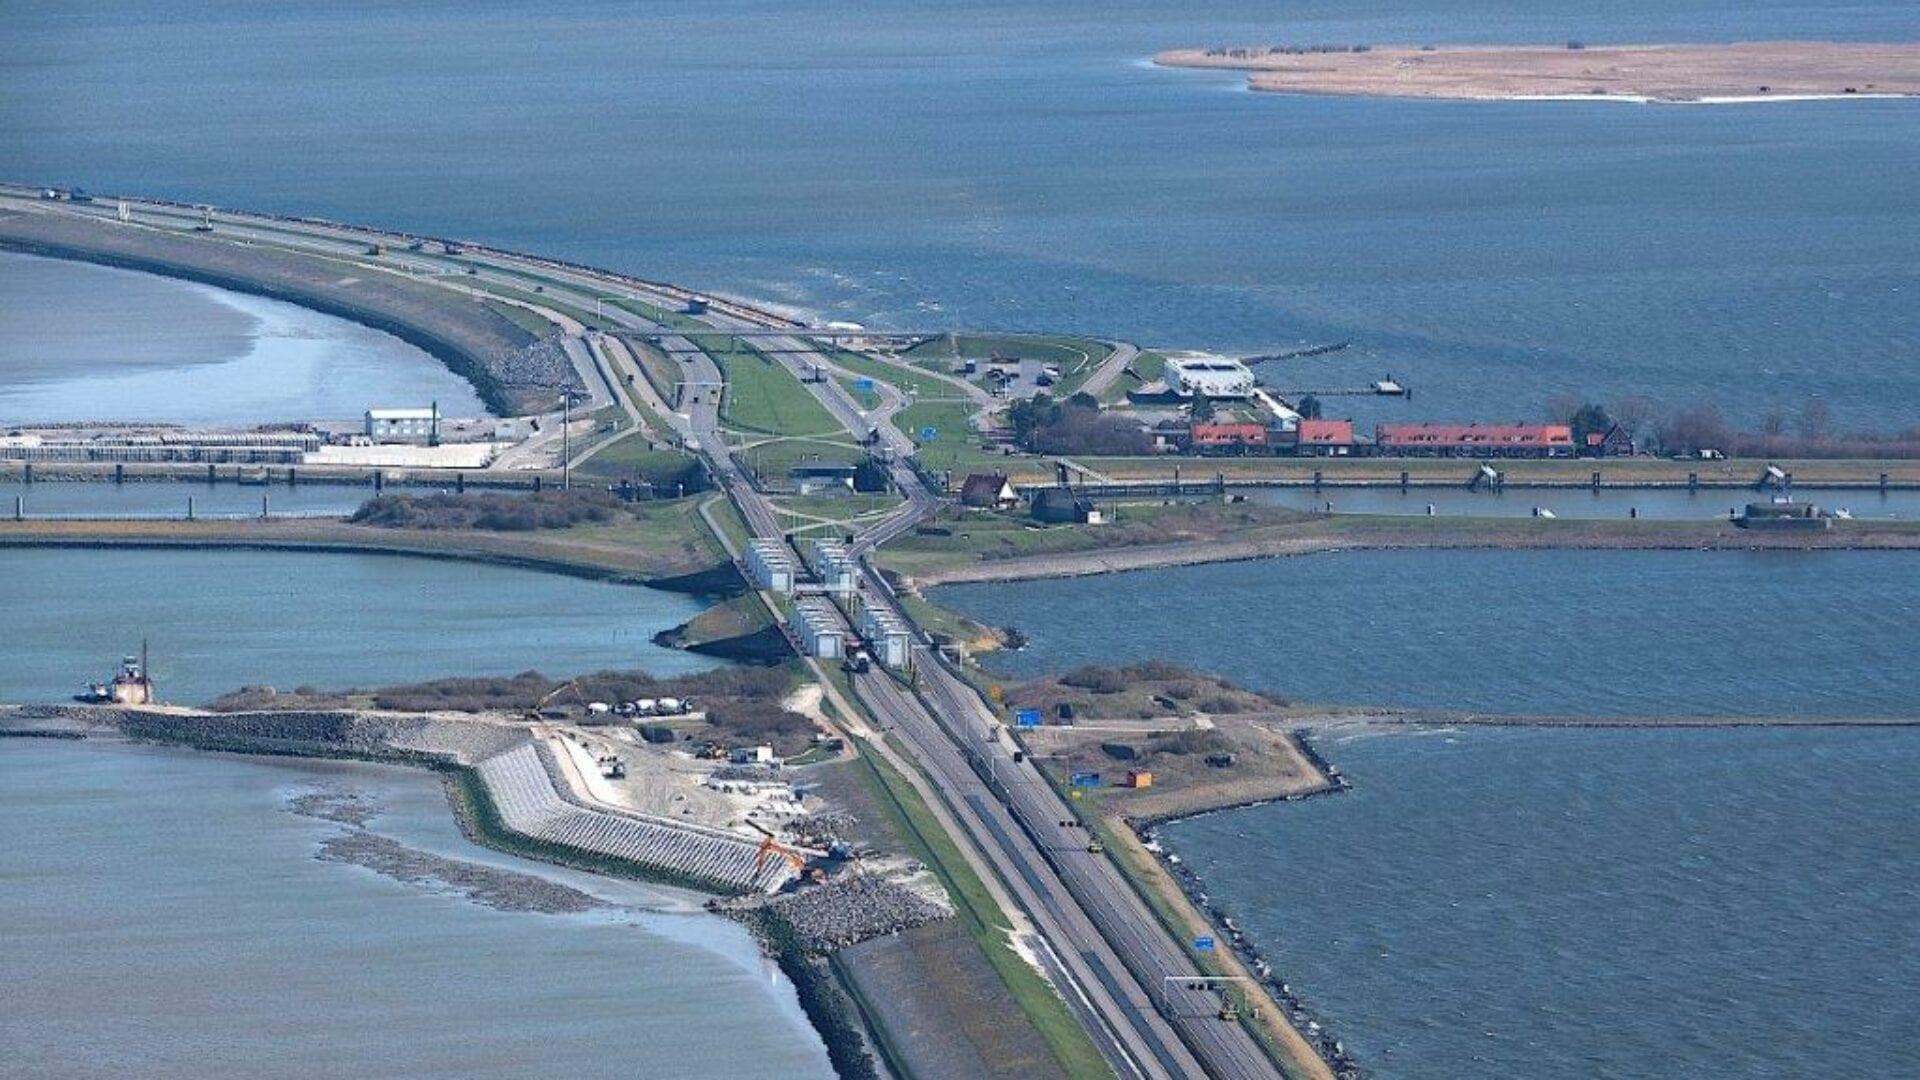 Luchtfoto van de Afsluitdijk. Je ziet van boven op Kornwerderzand. Je kijkt vanuit de kant van Den Oever. Je ziet de weg tussen de twee wateren en aan de zijkant een paar huisjes van Kornwerderzand. Daarachter het Afsluitdijk Wadden Center. De weg loopt dan met een bocht links uit beeld. Rechts in het IJsselmeer zie je een zandbank.